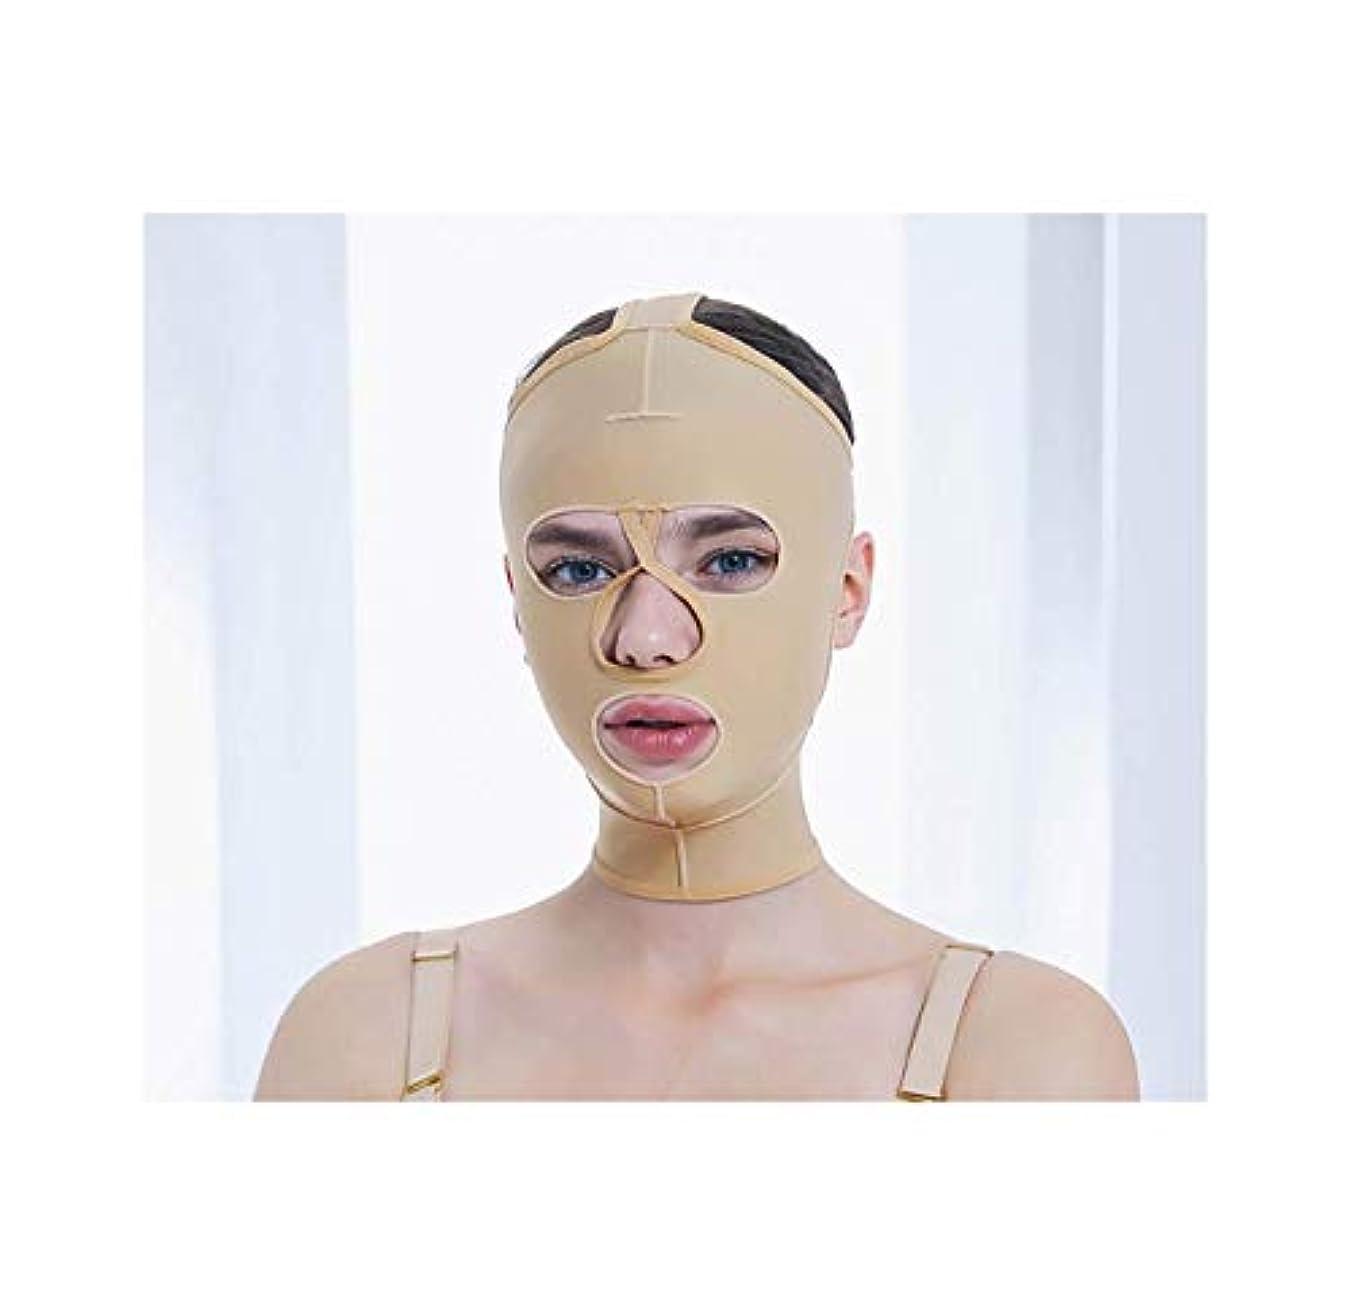 使い込む些細ショッピングセンターフェイス&ネックリフト、減量フェイスマスク脂肪吸引術脂肪吸引整形マスクフードフェイスリフティングアーティファクトVフェイスビームフェイス弾性スリーブ(サイズ:XS),L